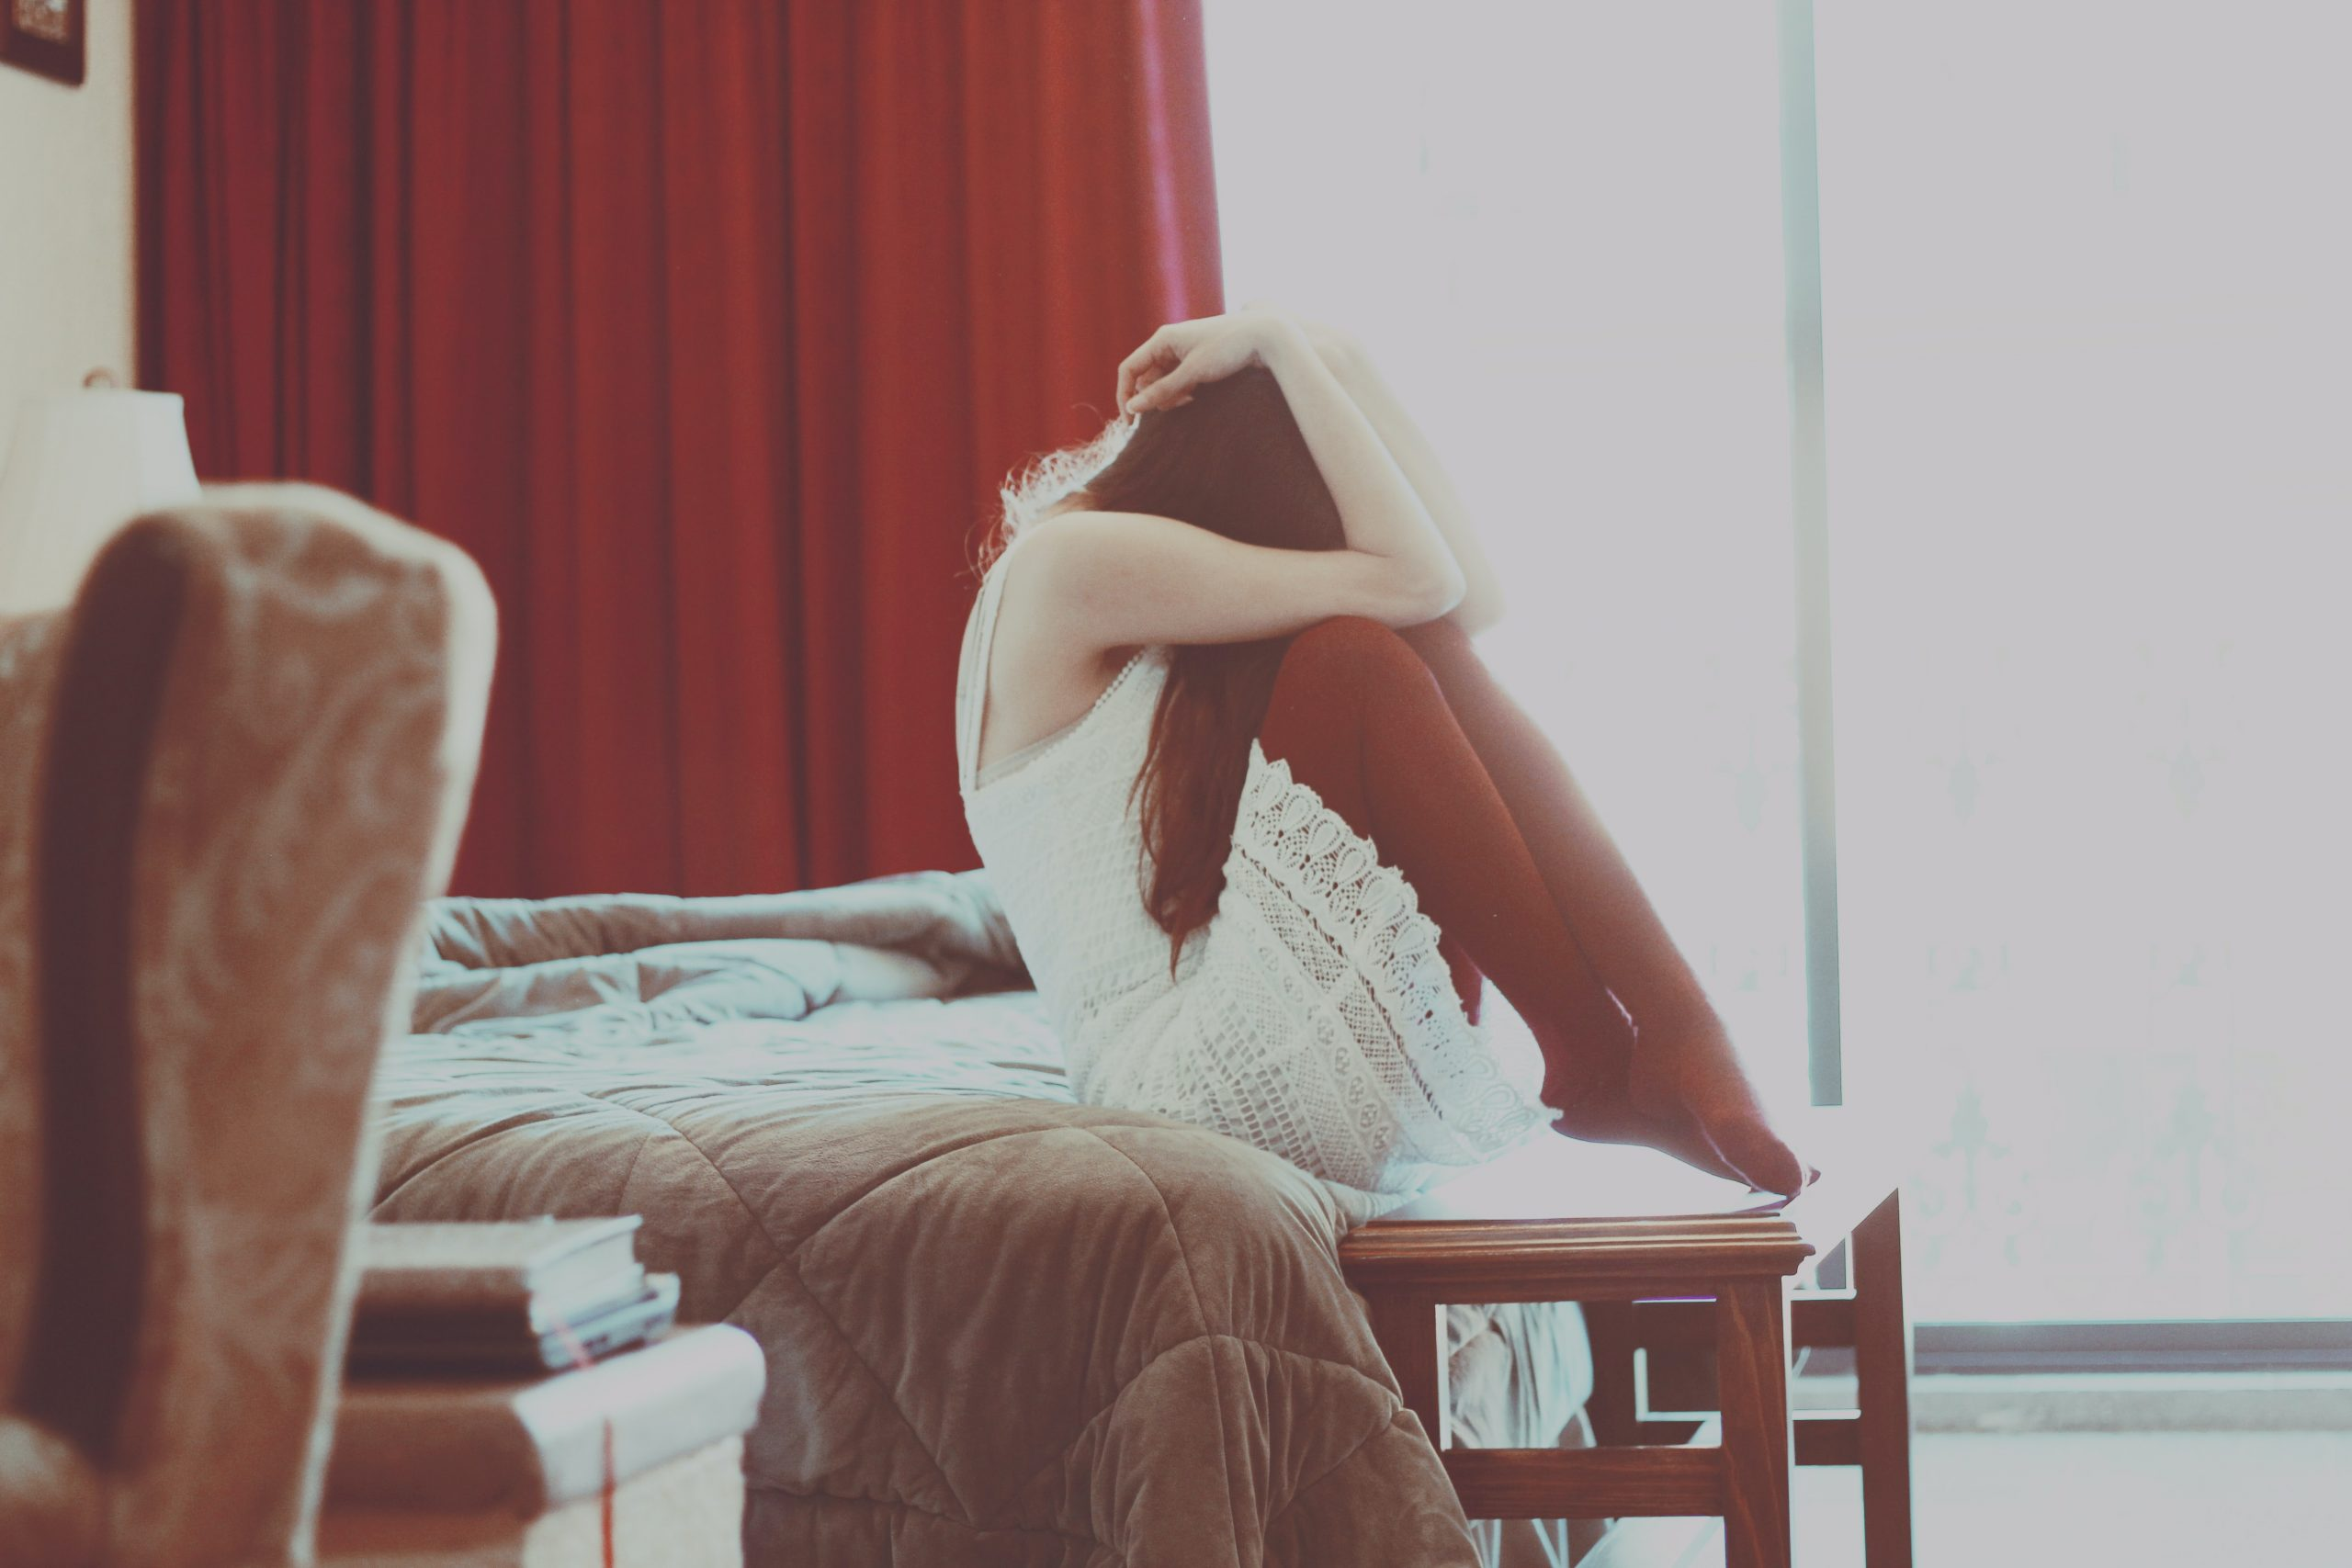 Mindent tönkretettél, mégis hazavárlak!